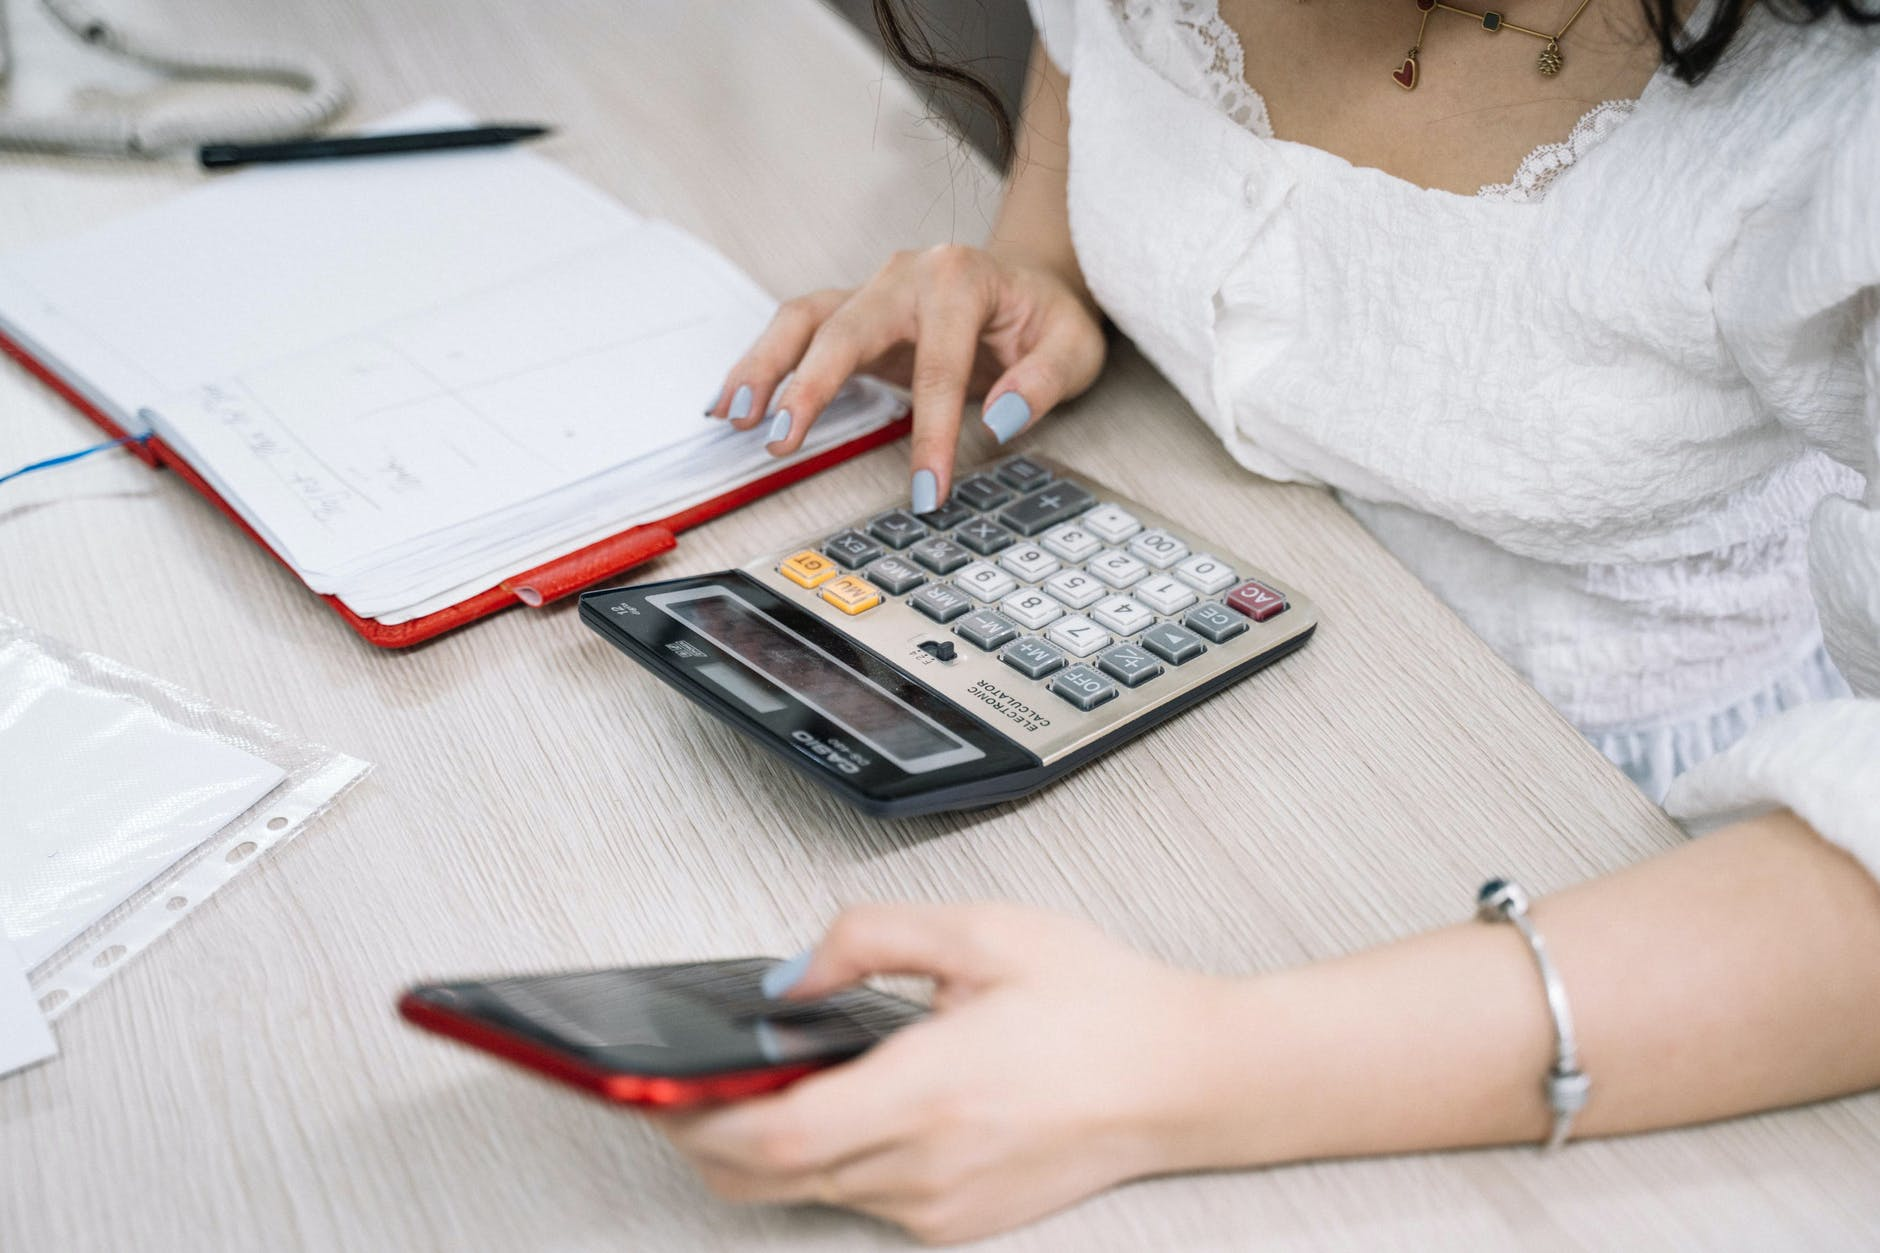 Kredyt konsolidacyjny gotówkowy – na czym polega? - Zdjęcie główne